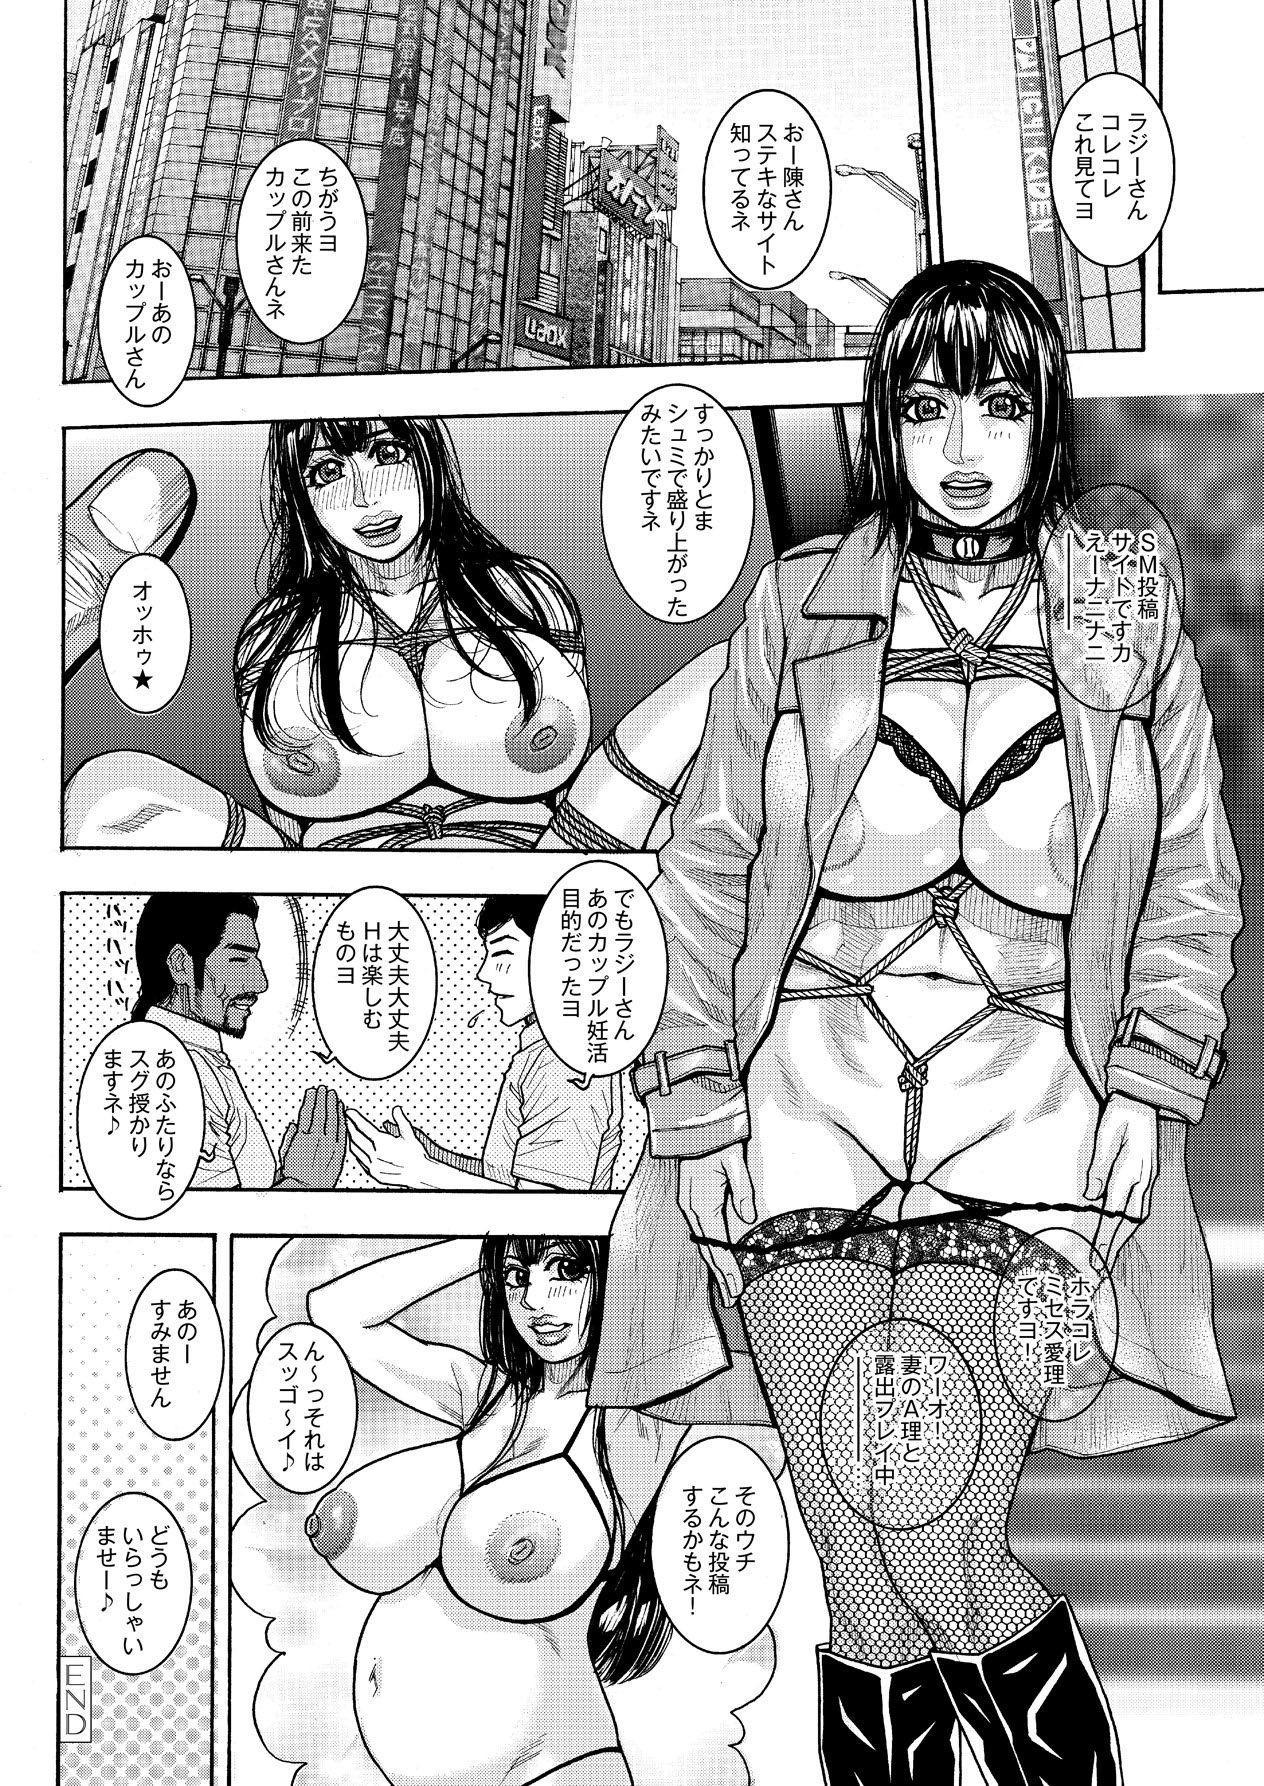 Kaikan Jukujo Massage 1-3 59